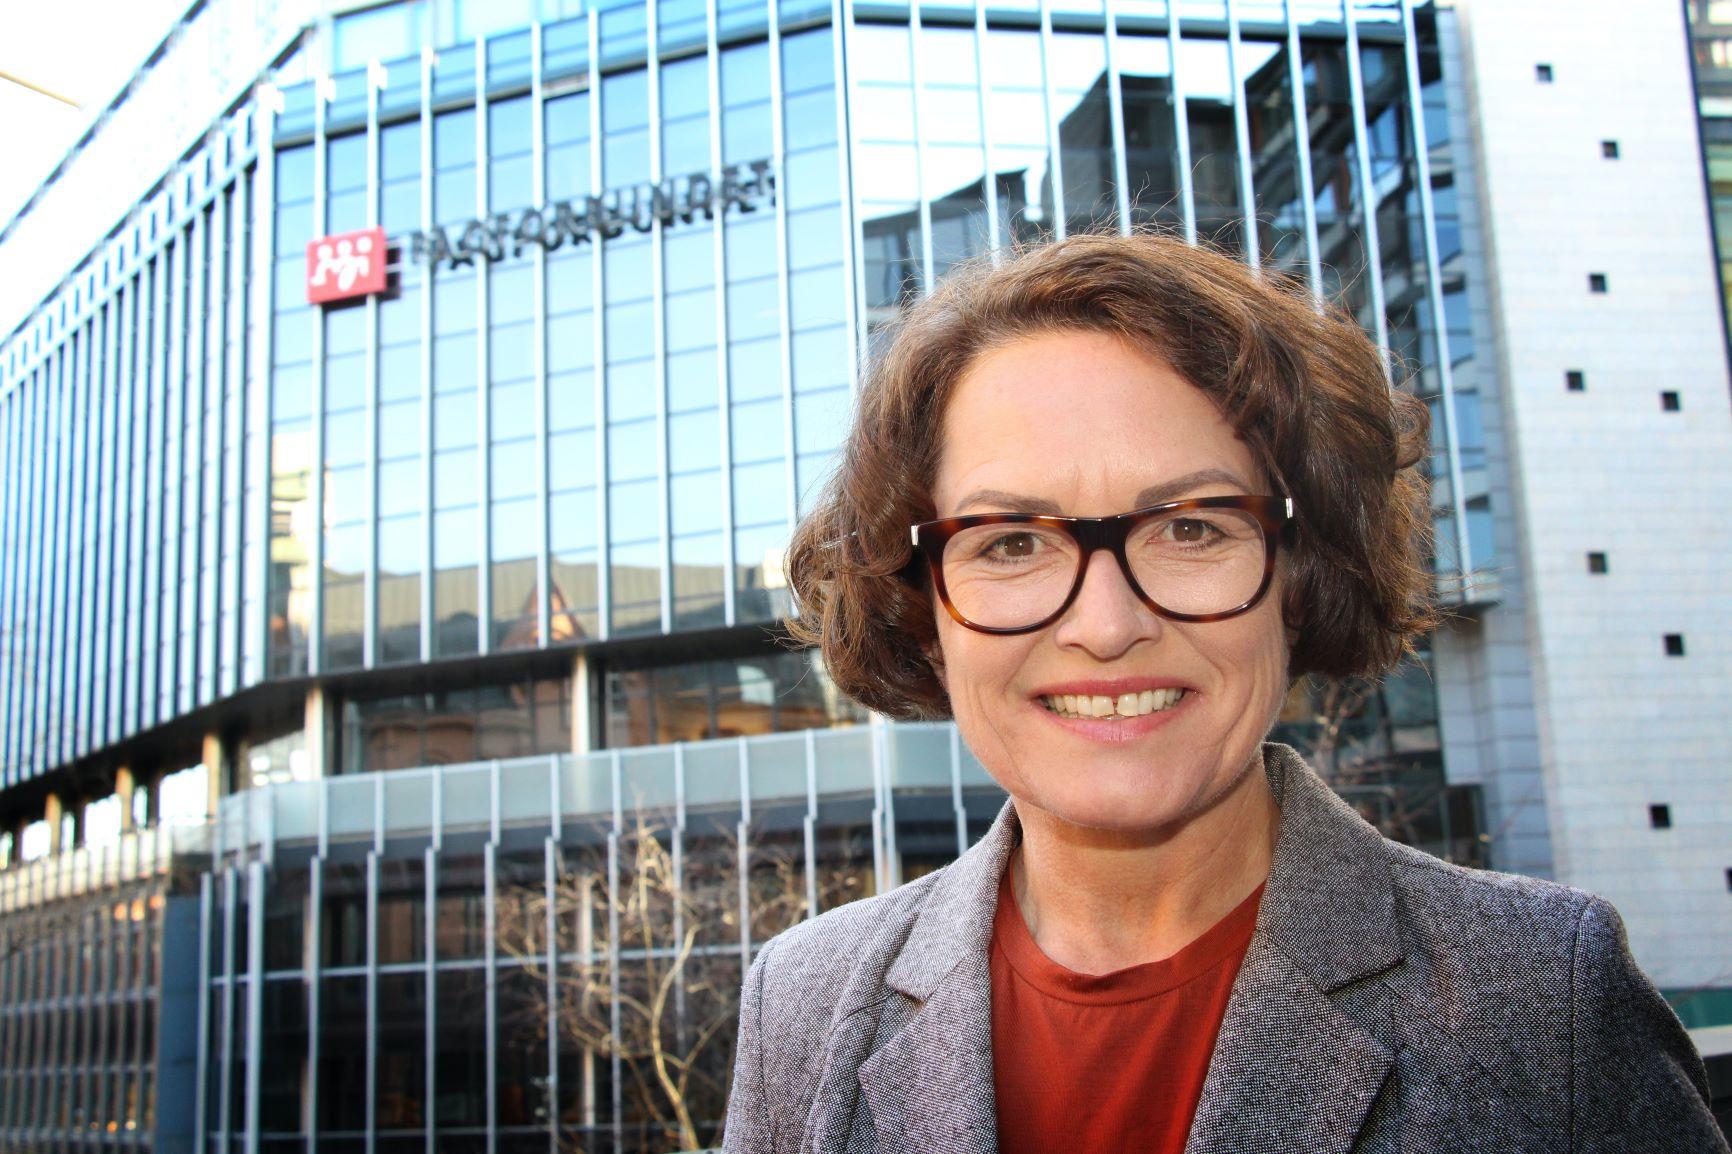 Sissel Skogheug er nestleder i Fagforbundet. Fagforbundet mener det er nødvendig med sentrale endringer som beveger styringen av sykehusene bort fra tankegodset knyttet til New Public Management.